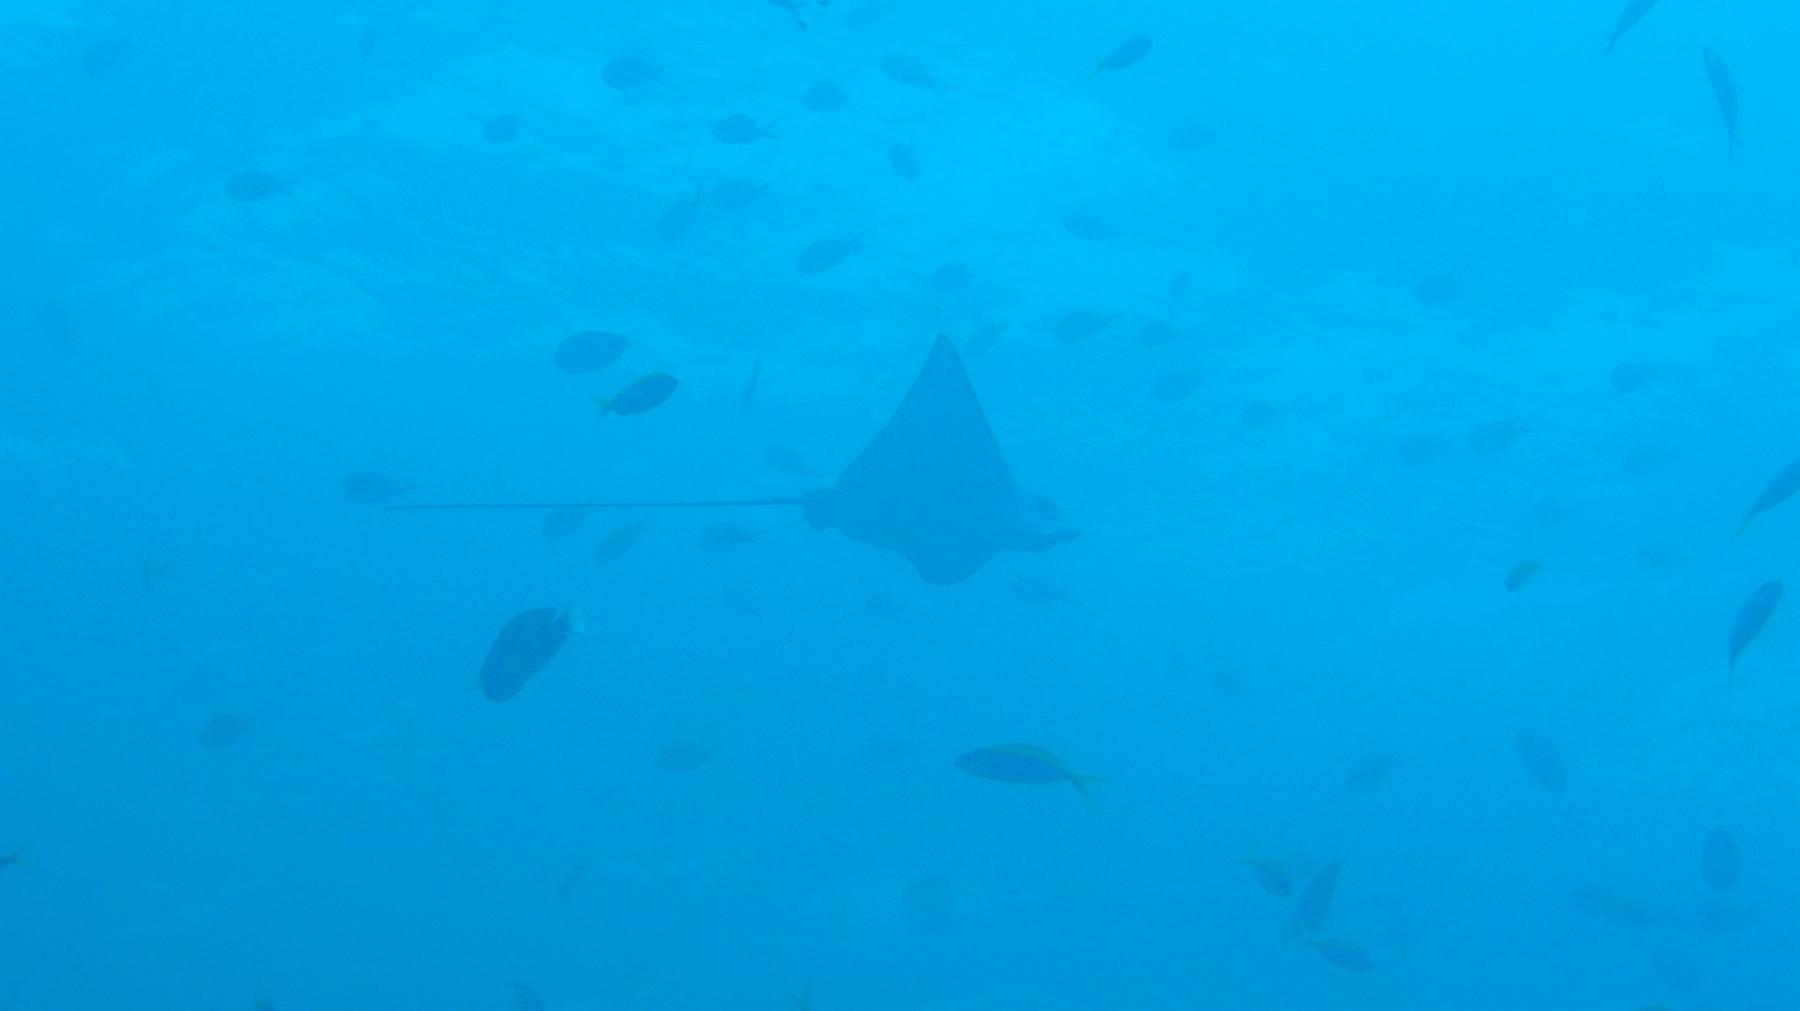 Aetobatus_narinari_001_C_Rajiformes_L_Maldivas_U_Sebas_01072015